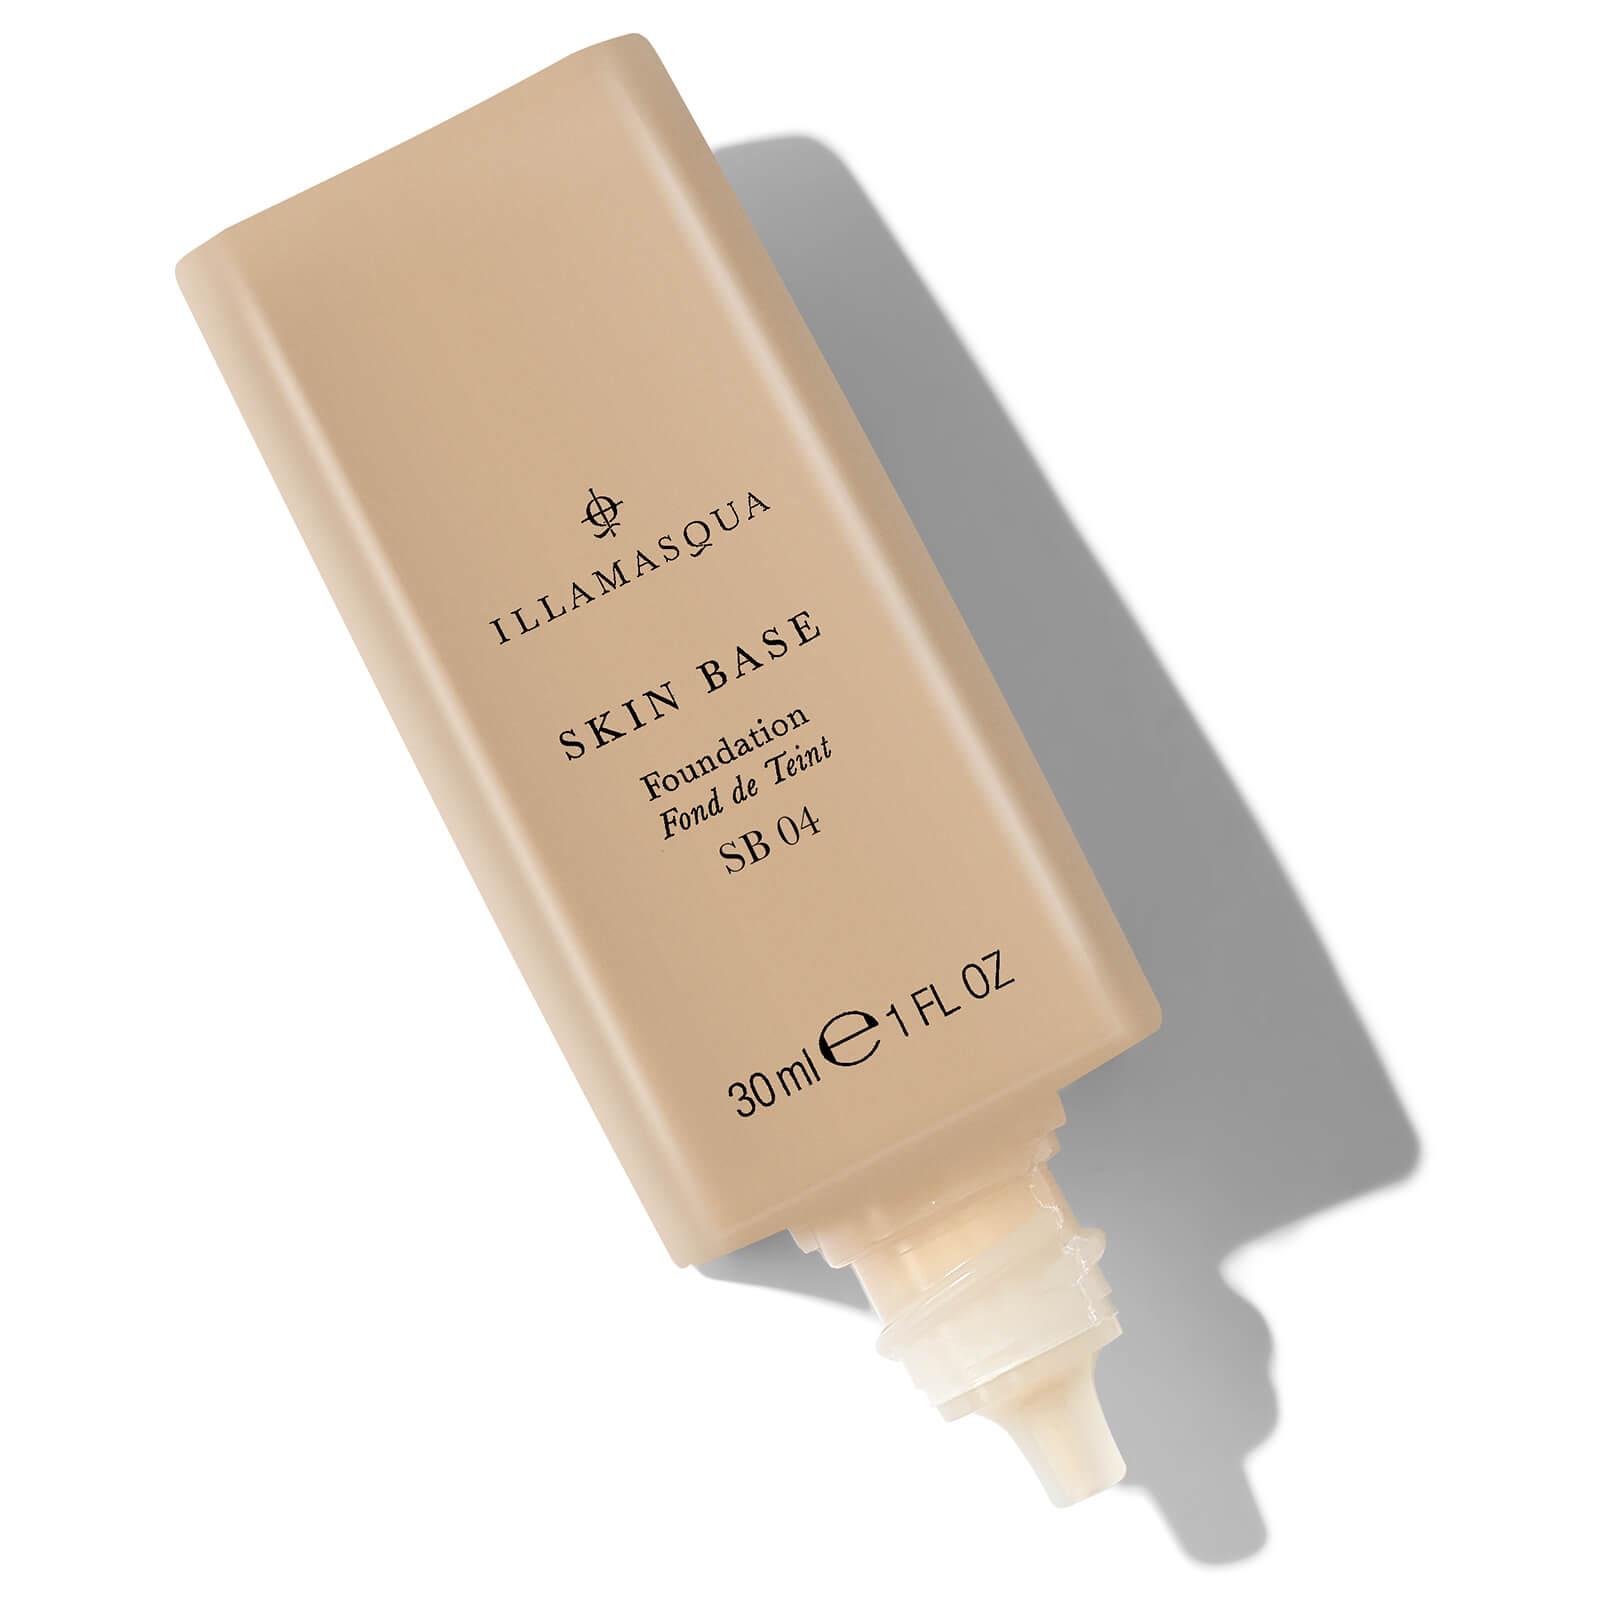 Illamasqua Skin Base Foundation - 04